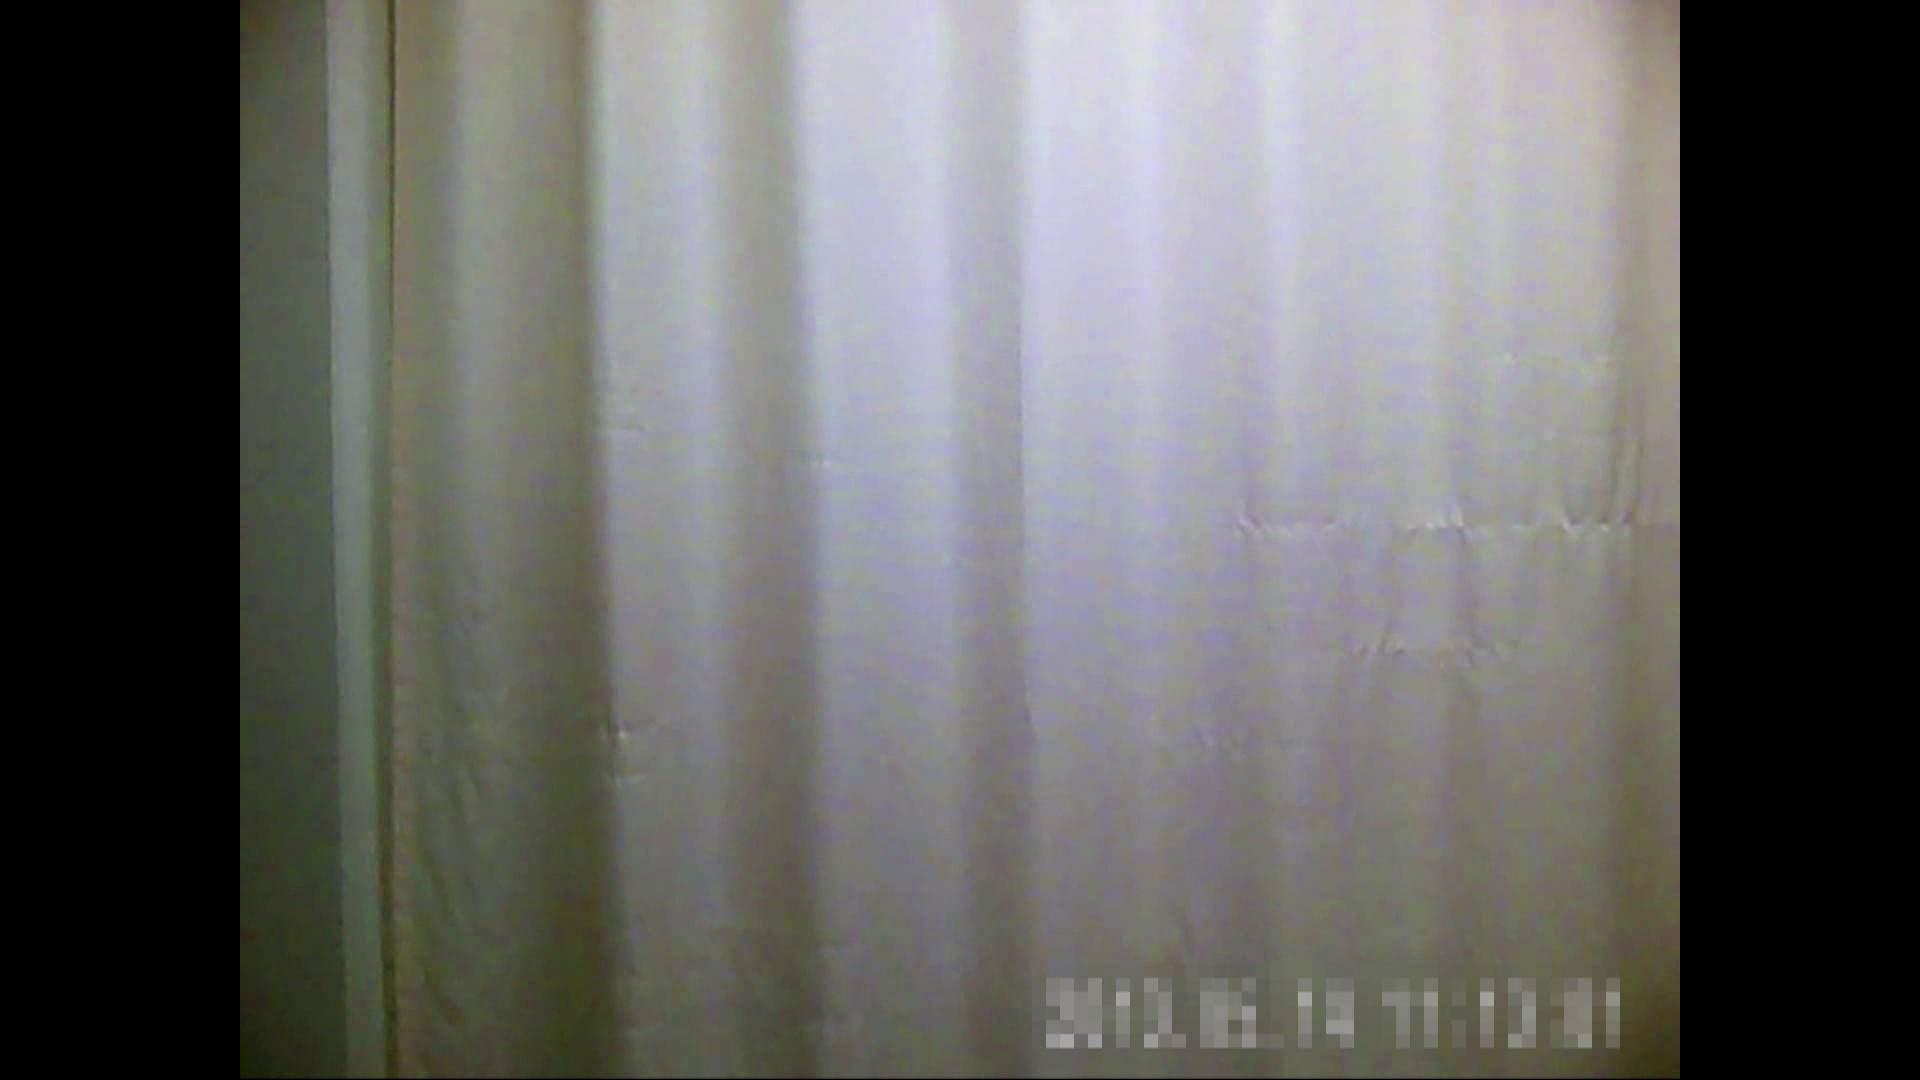 病院おもいっきり着替え! vol.213 乳首 盗み撮りAV無料動画キャプチャ 104pic 95